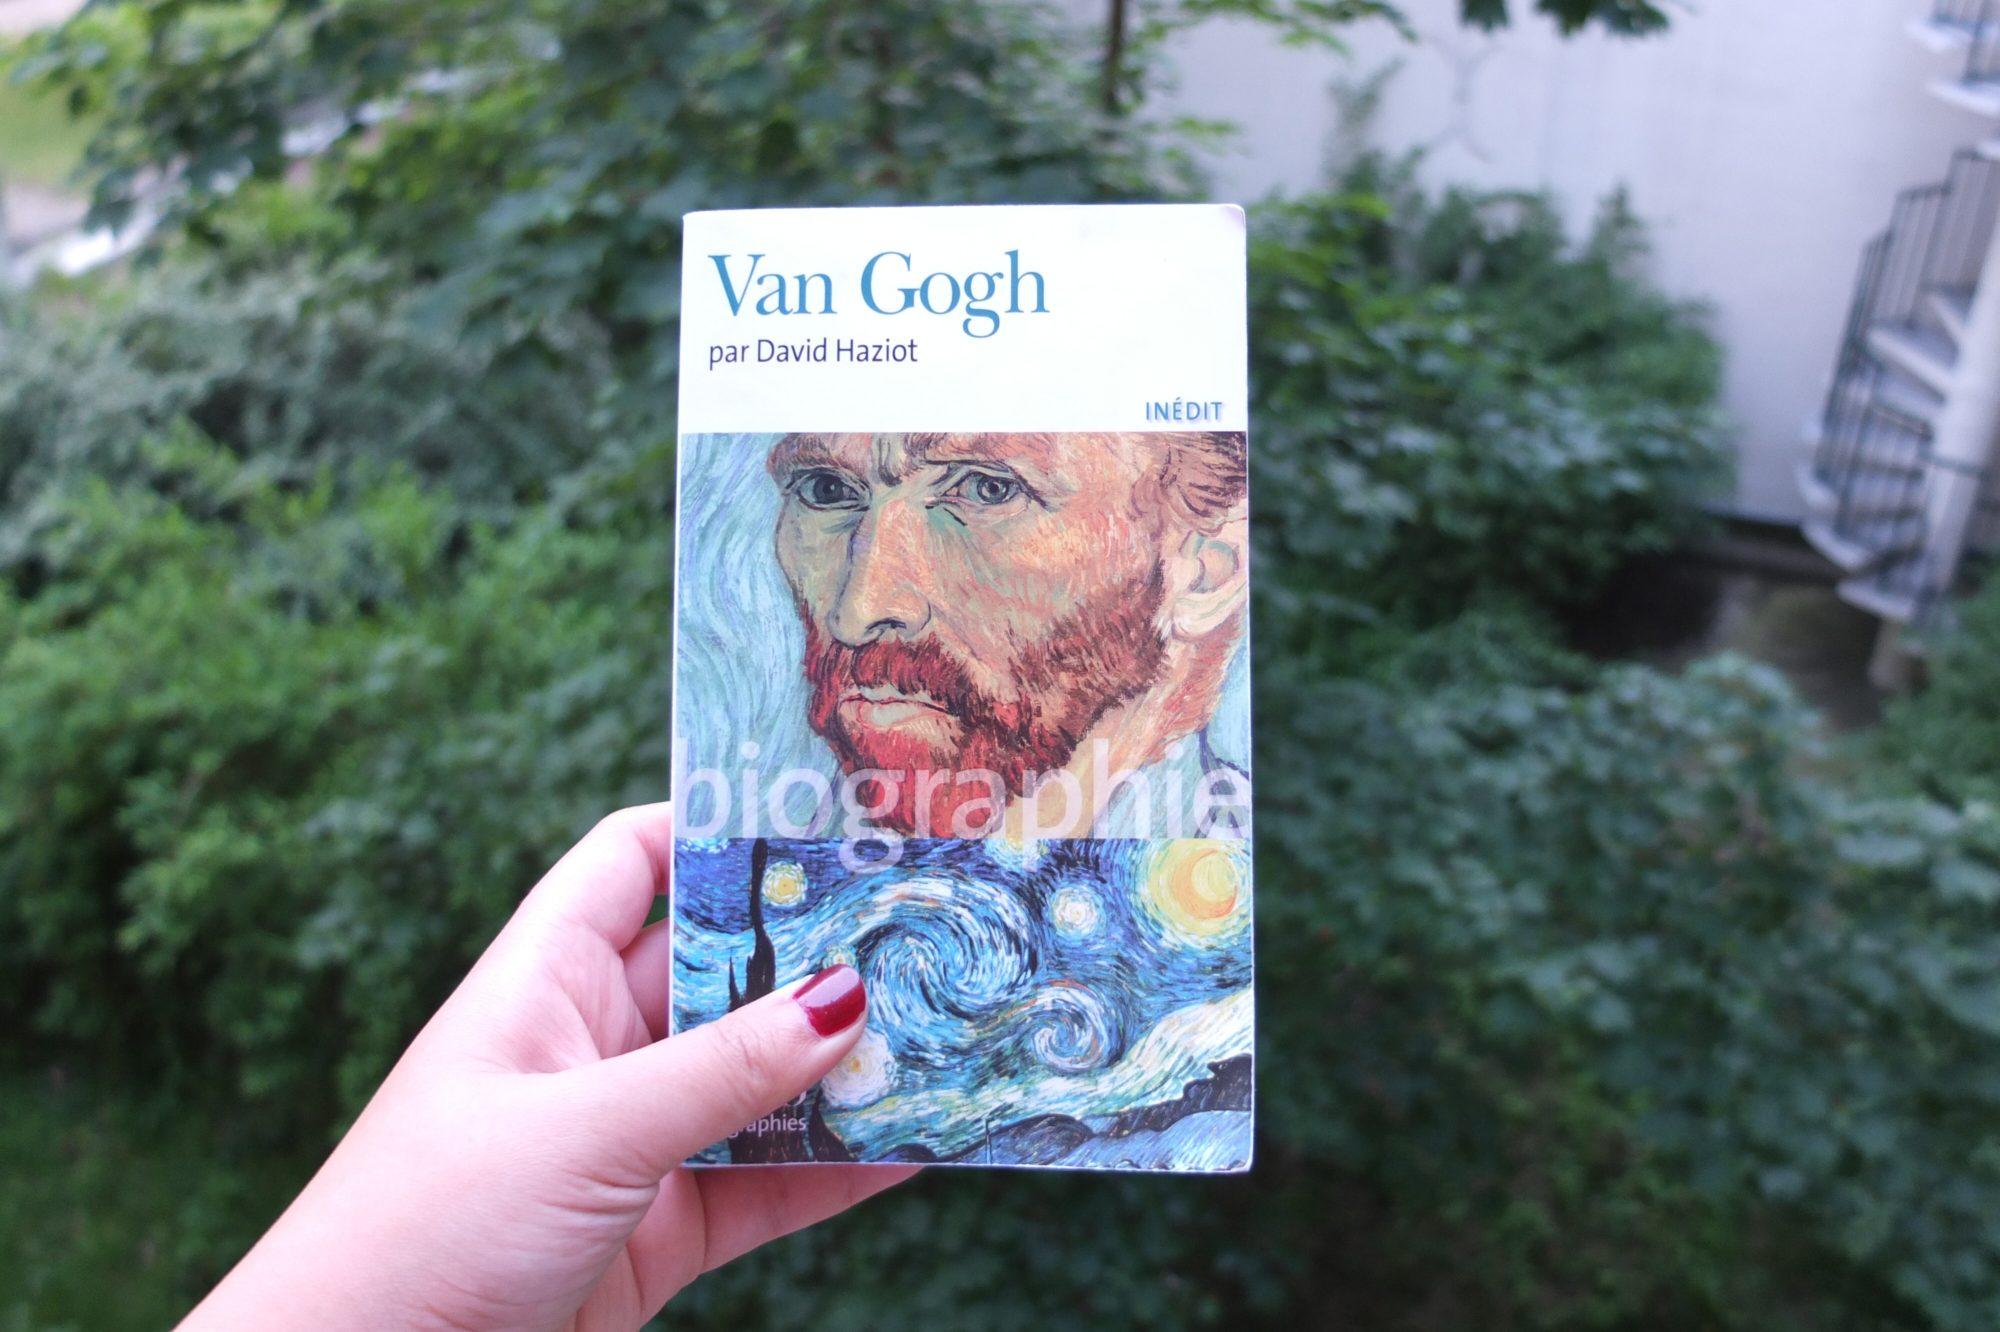 Van Gogh, une biographie écrite par David Haziot